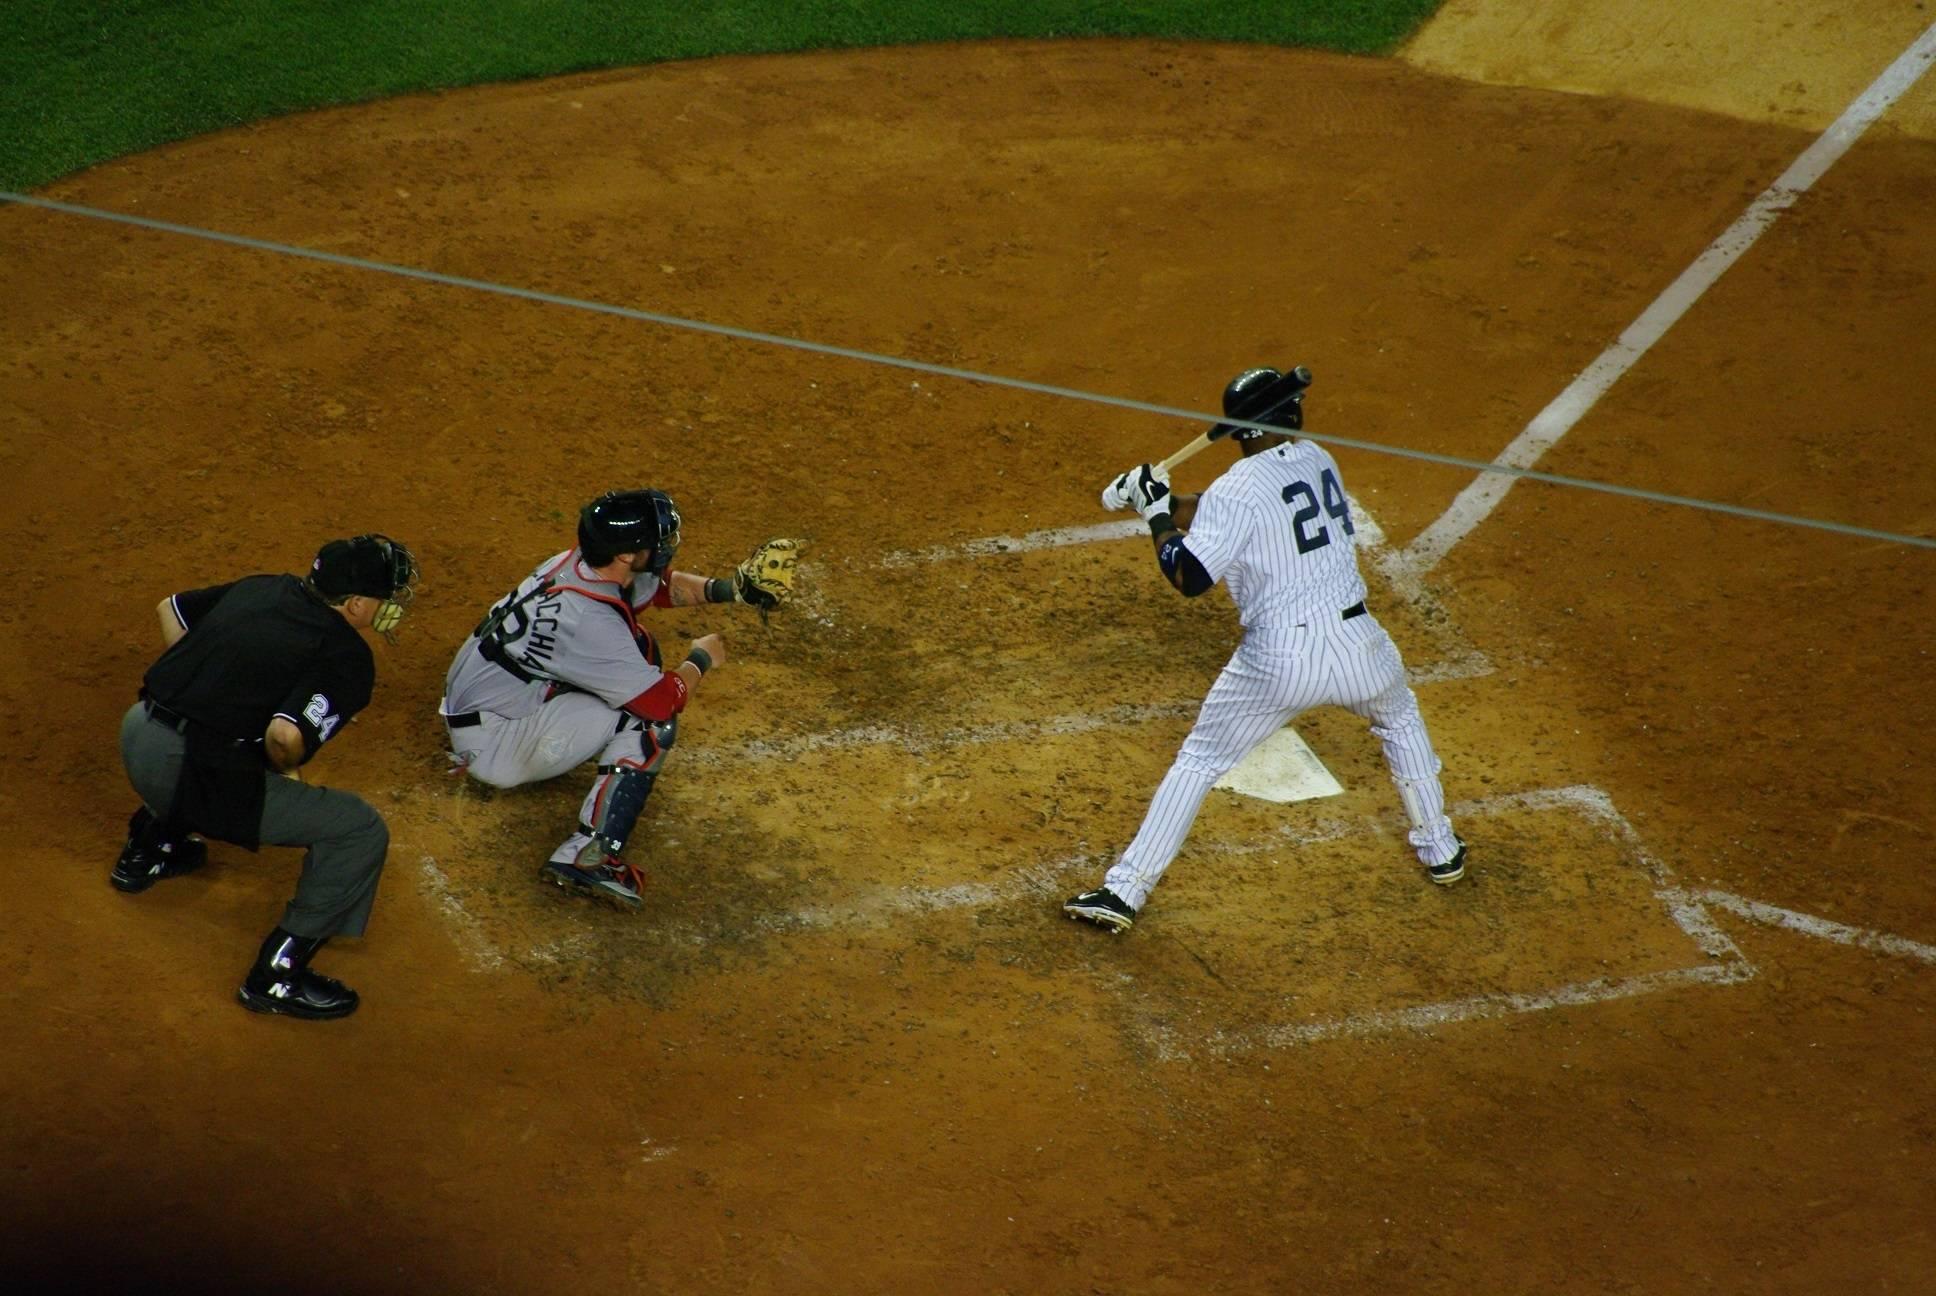 Photo 3: Encourager les Yankees comme un vrai !